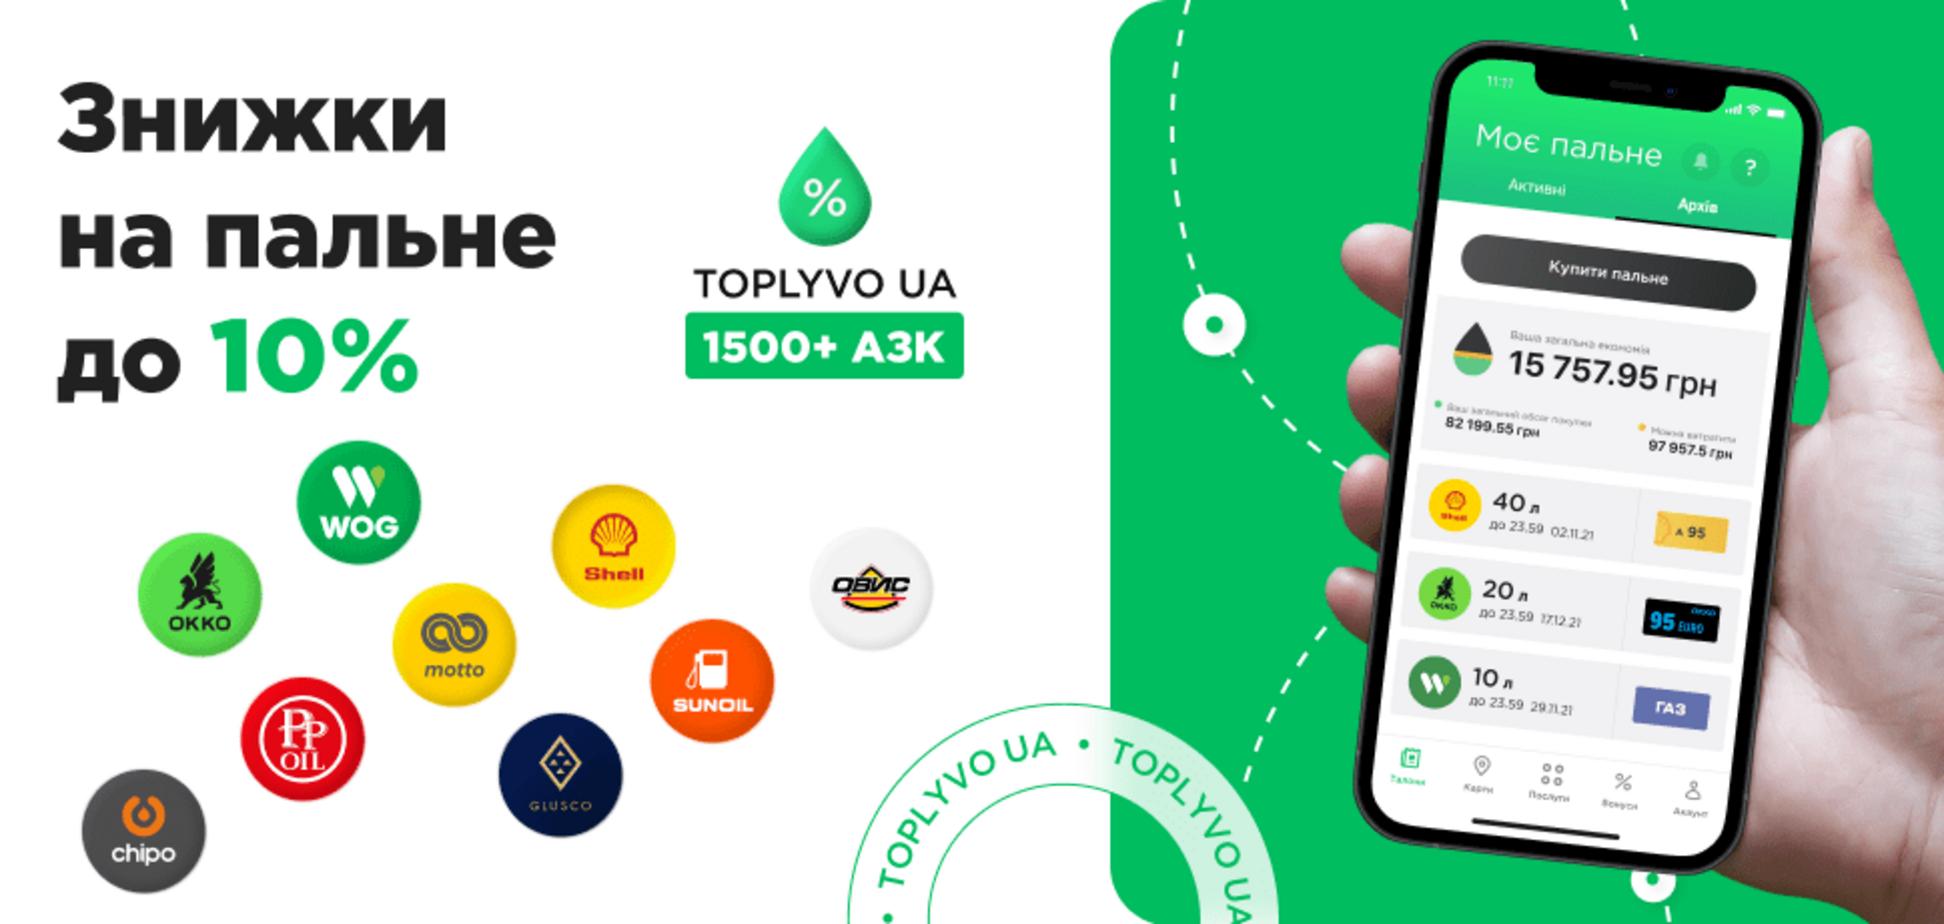 В Украине набирает популярность приложение Toplyvo UA: что это и как работает